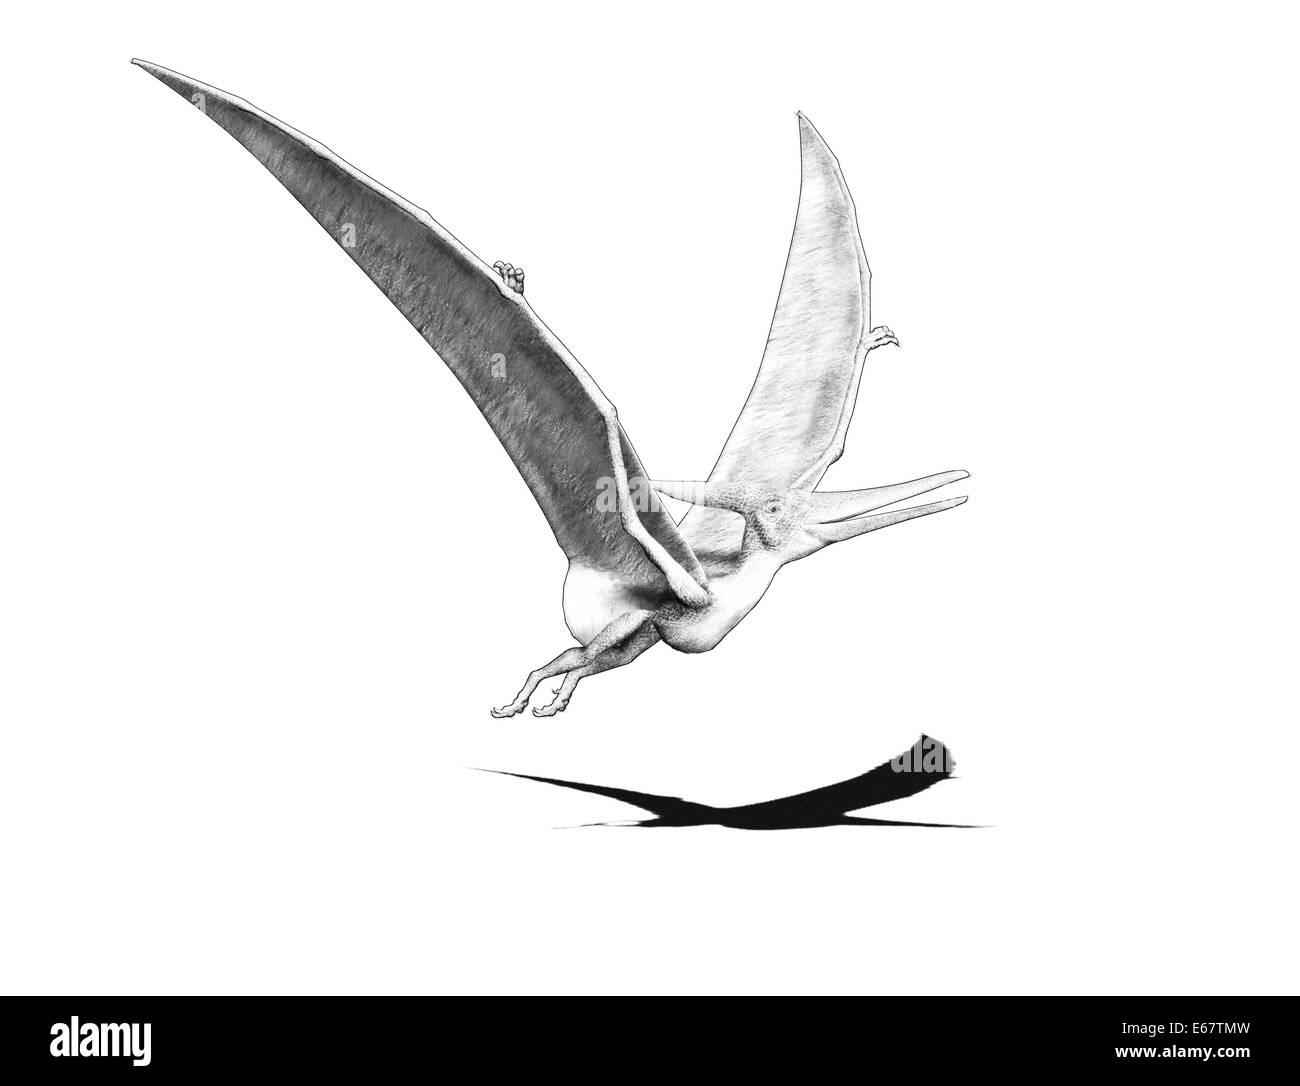 Dinosaurier Pteranodon / dinosaur Pteranodon - Stock Image